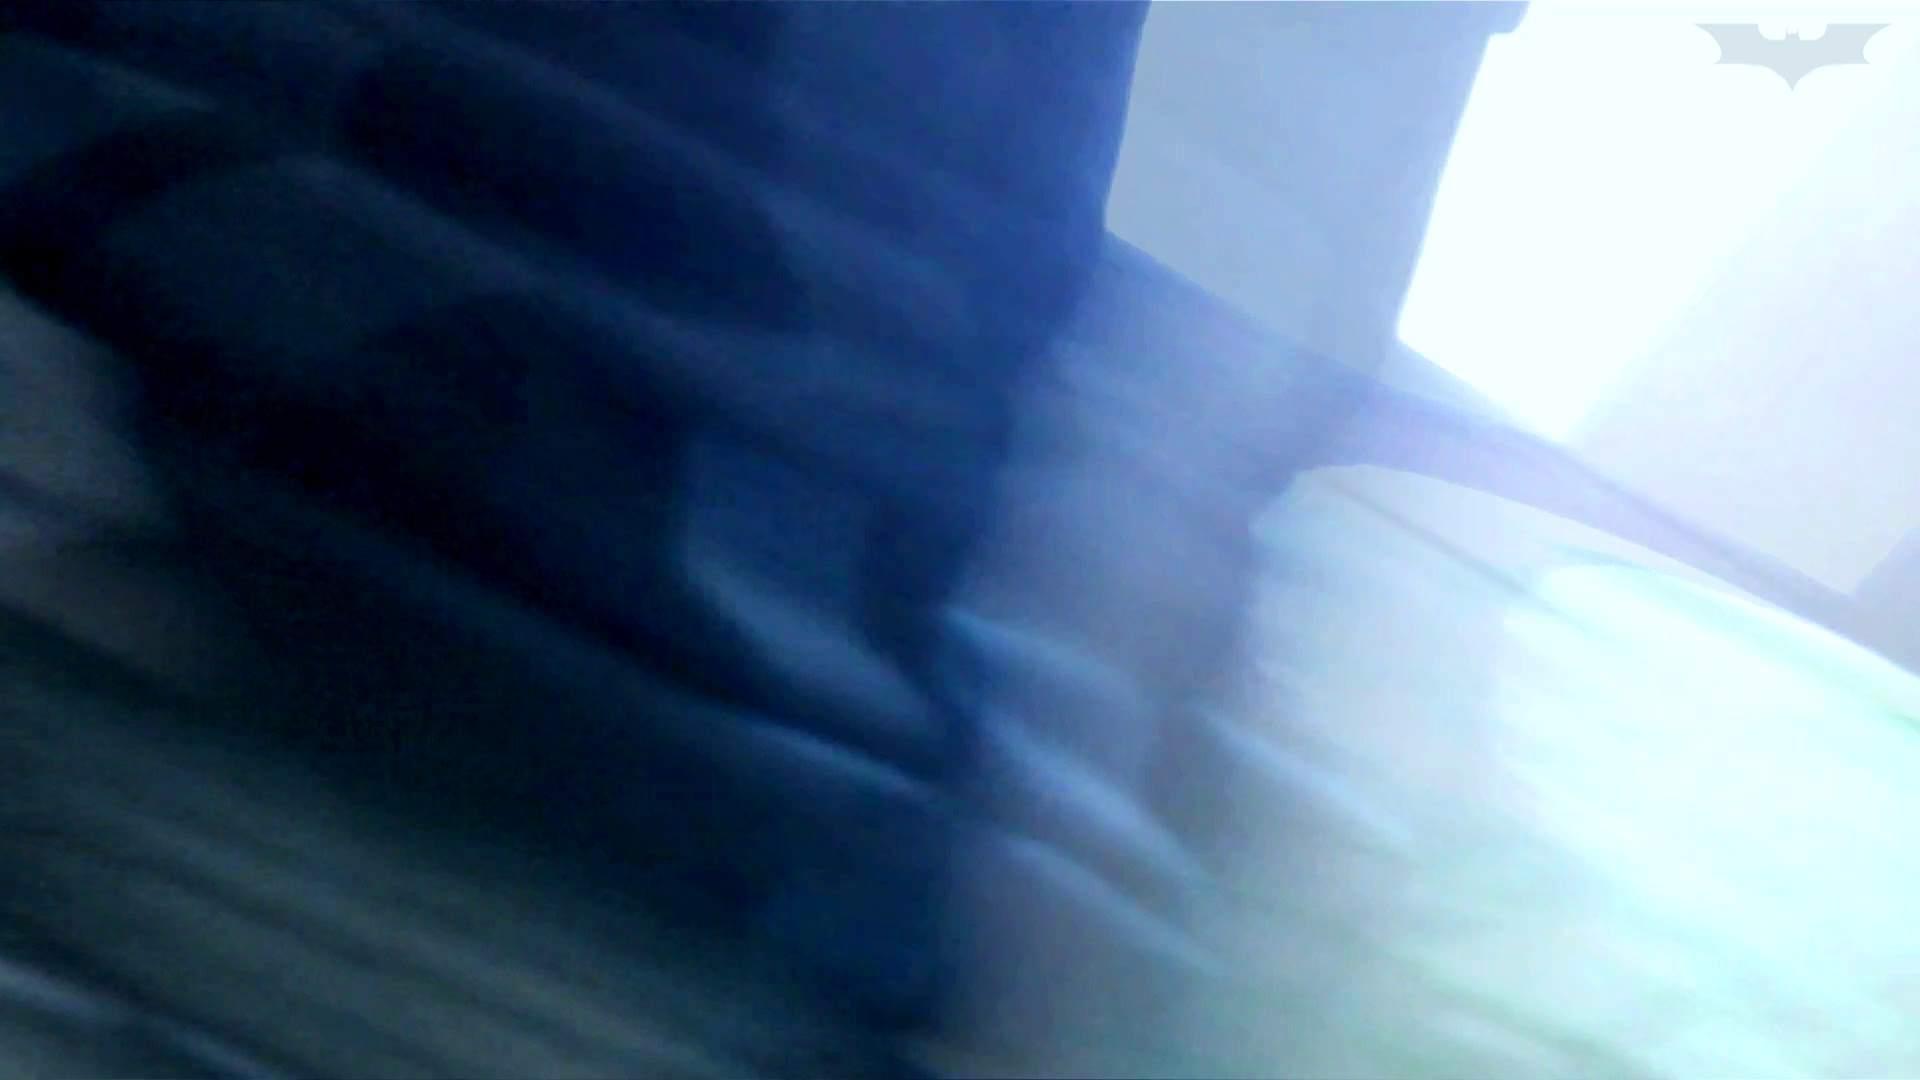 ステーション編 vol.36 無料動画に登場したトップクラスモデル本番へ 美しいモデル   エッチすぎるOL達  87連発 53